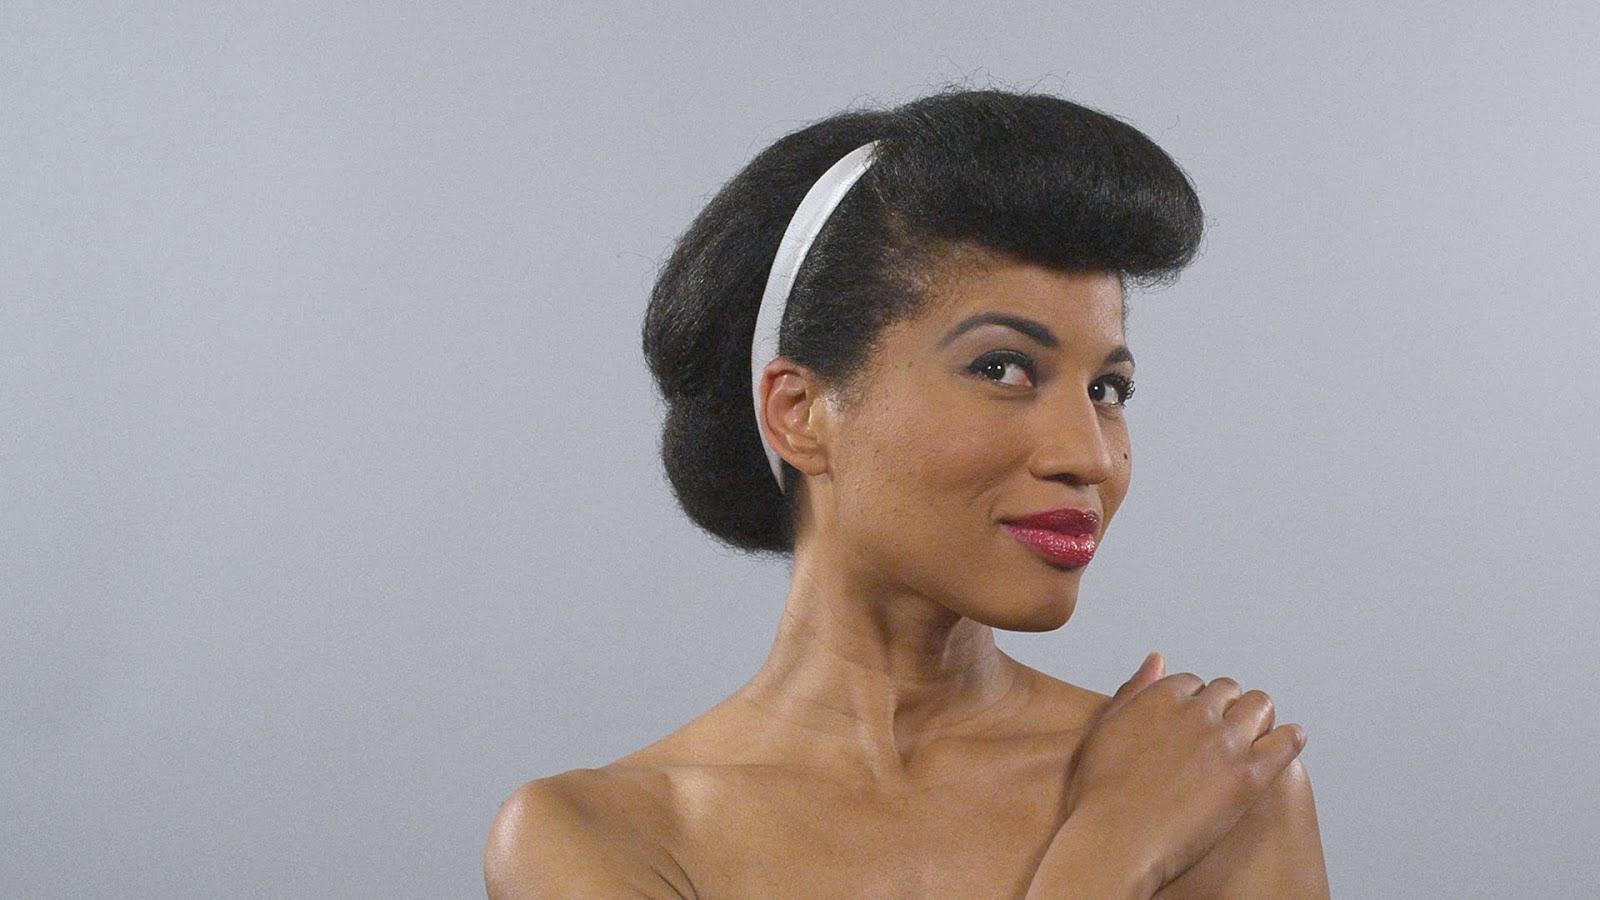 100 anos de beleza negra em 1 min